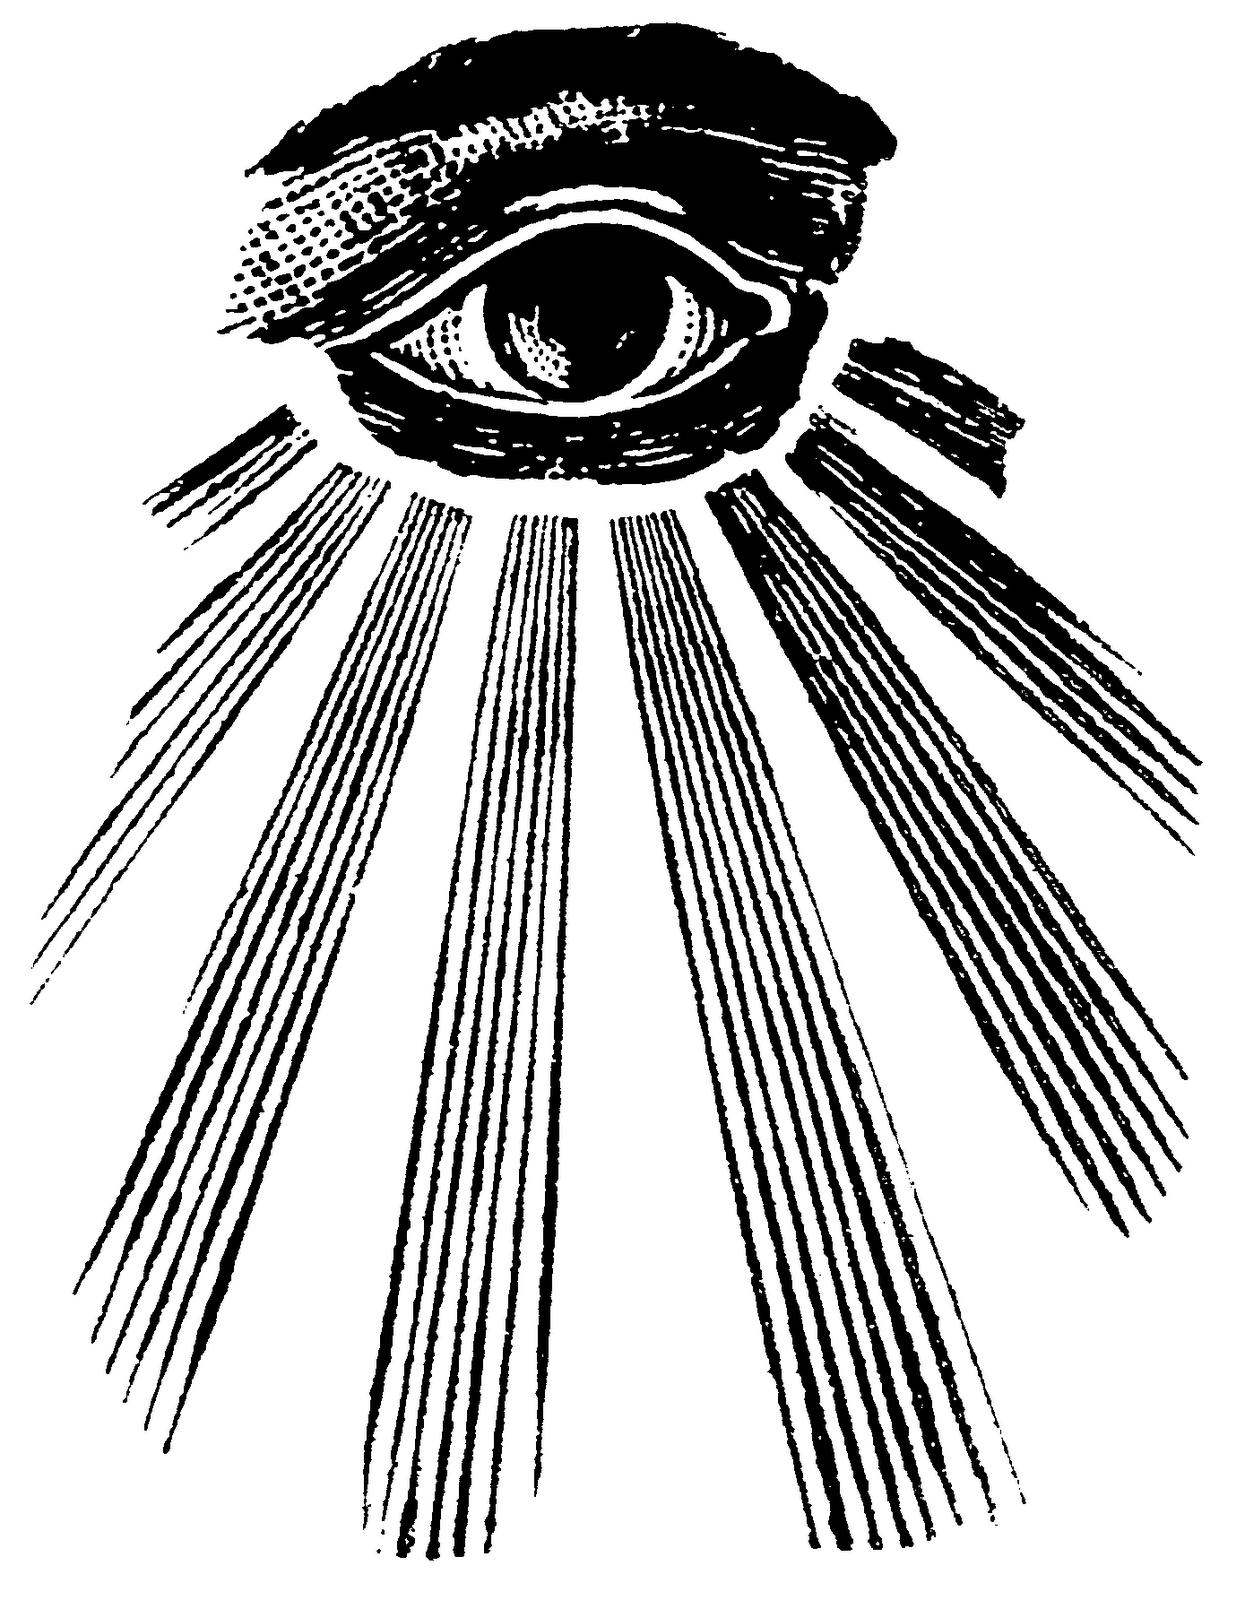 Http Images Sodahead Com Profiles 0 0 0 5 1 6 6 3 9 Satanic Eye 85702522664 Png Simbolos Maconicos Arte Oculta Tatuagem Do Olho Que Tudo Ve